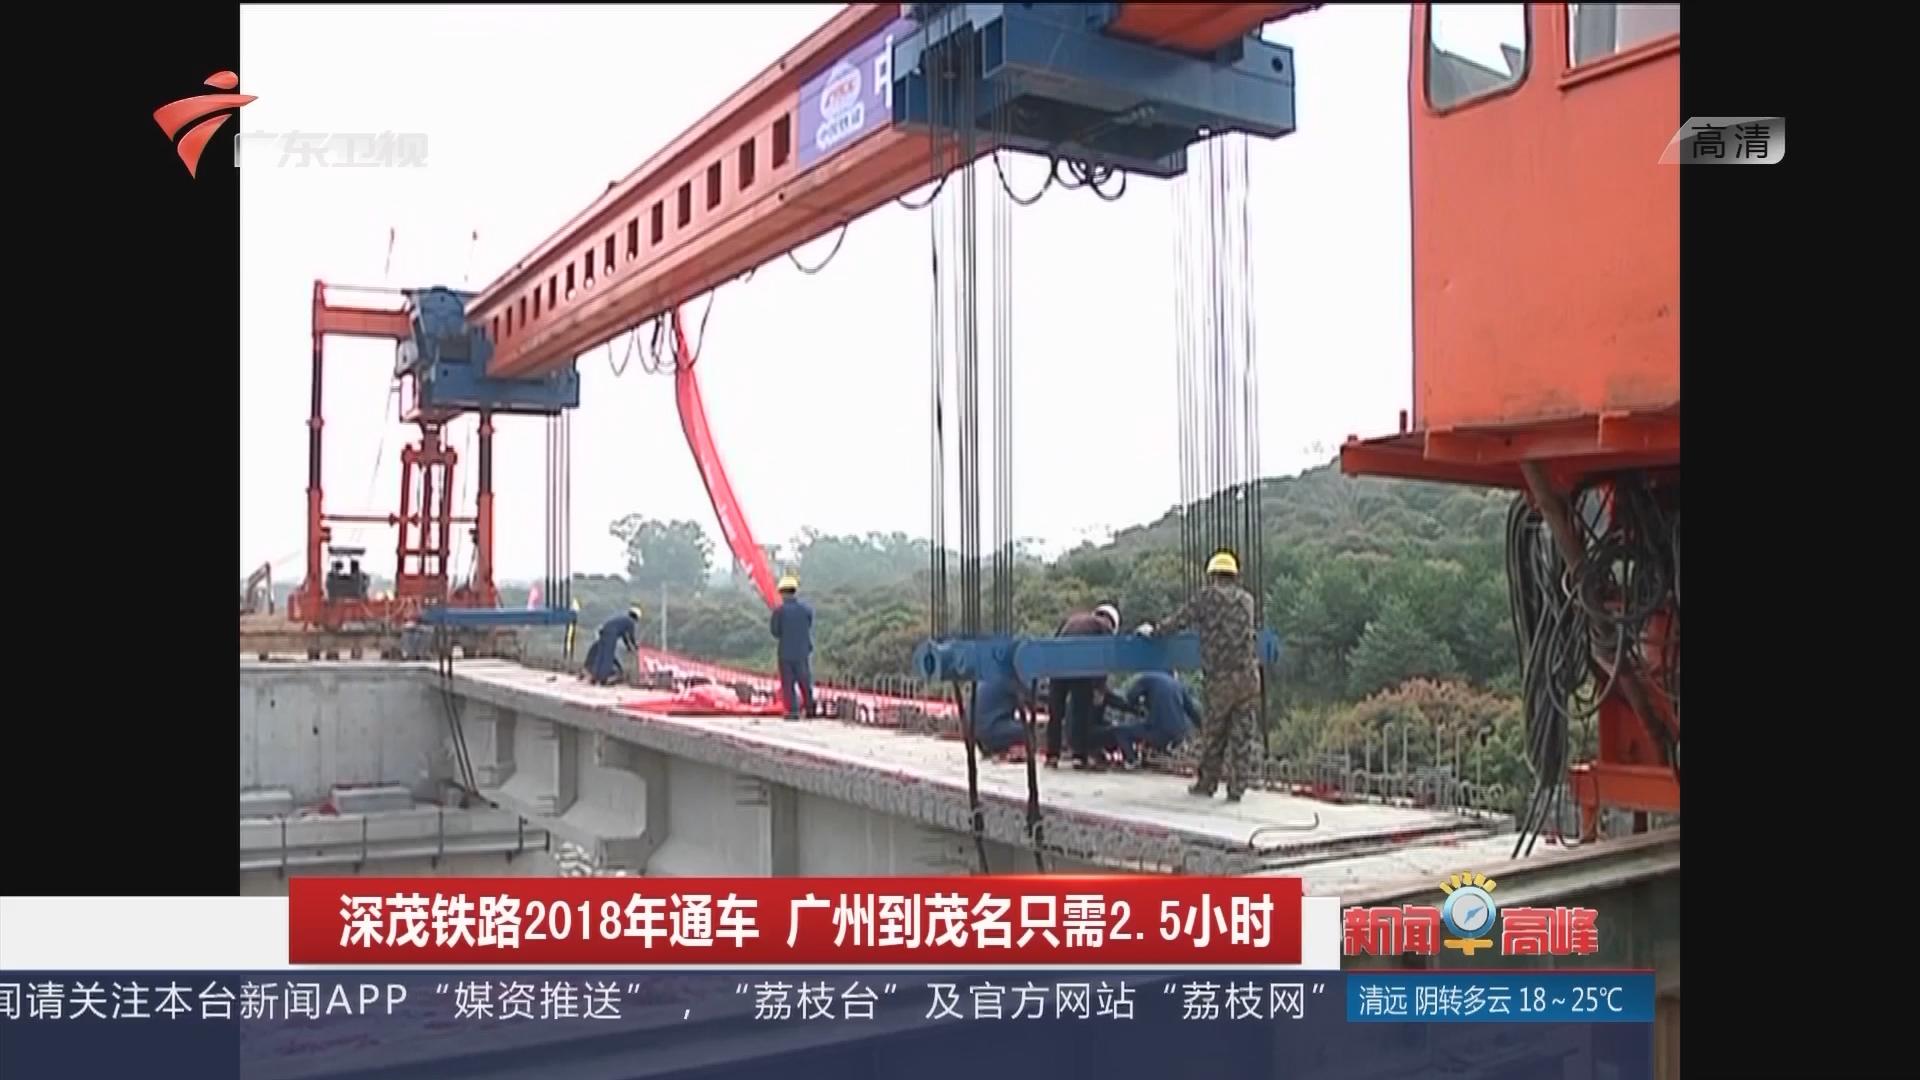 深茂铁路2018年通车 广州到茂名只需2.5小时